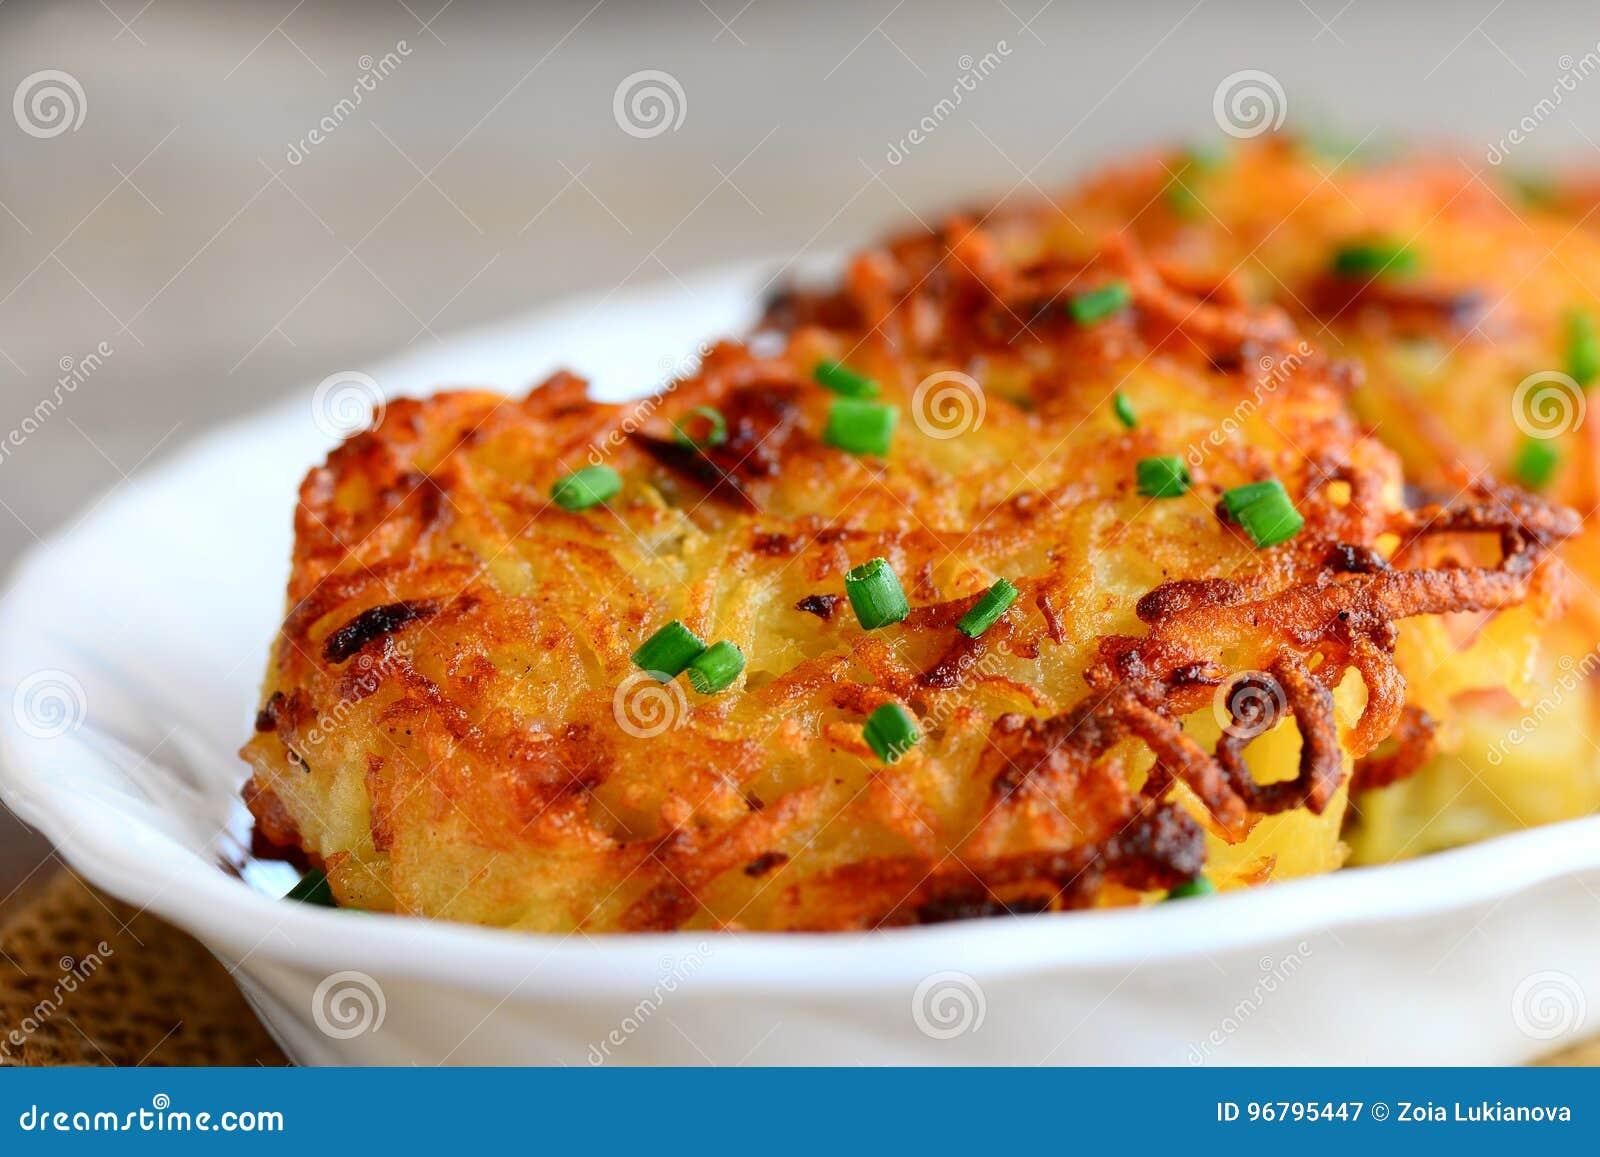 картошка в духовке рецепт простой